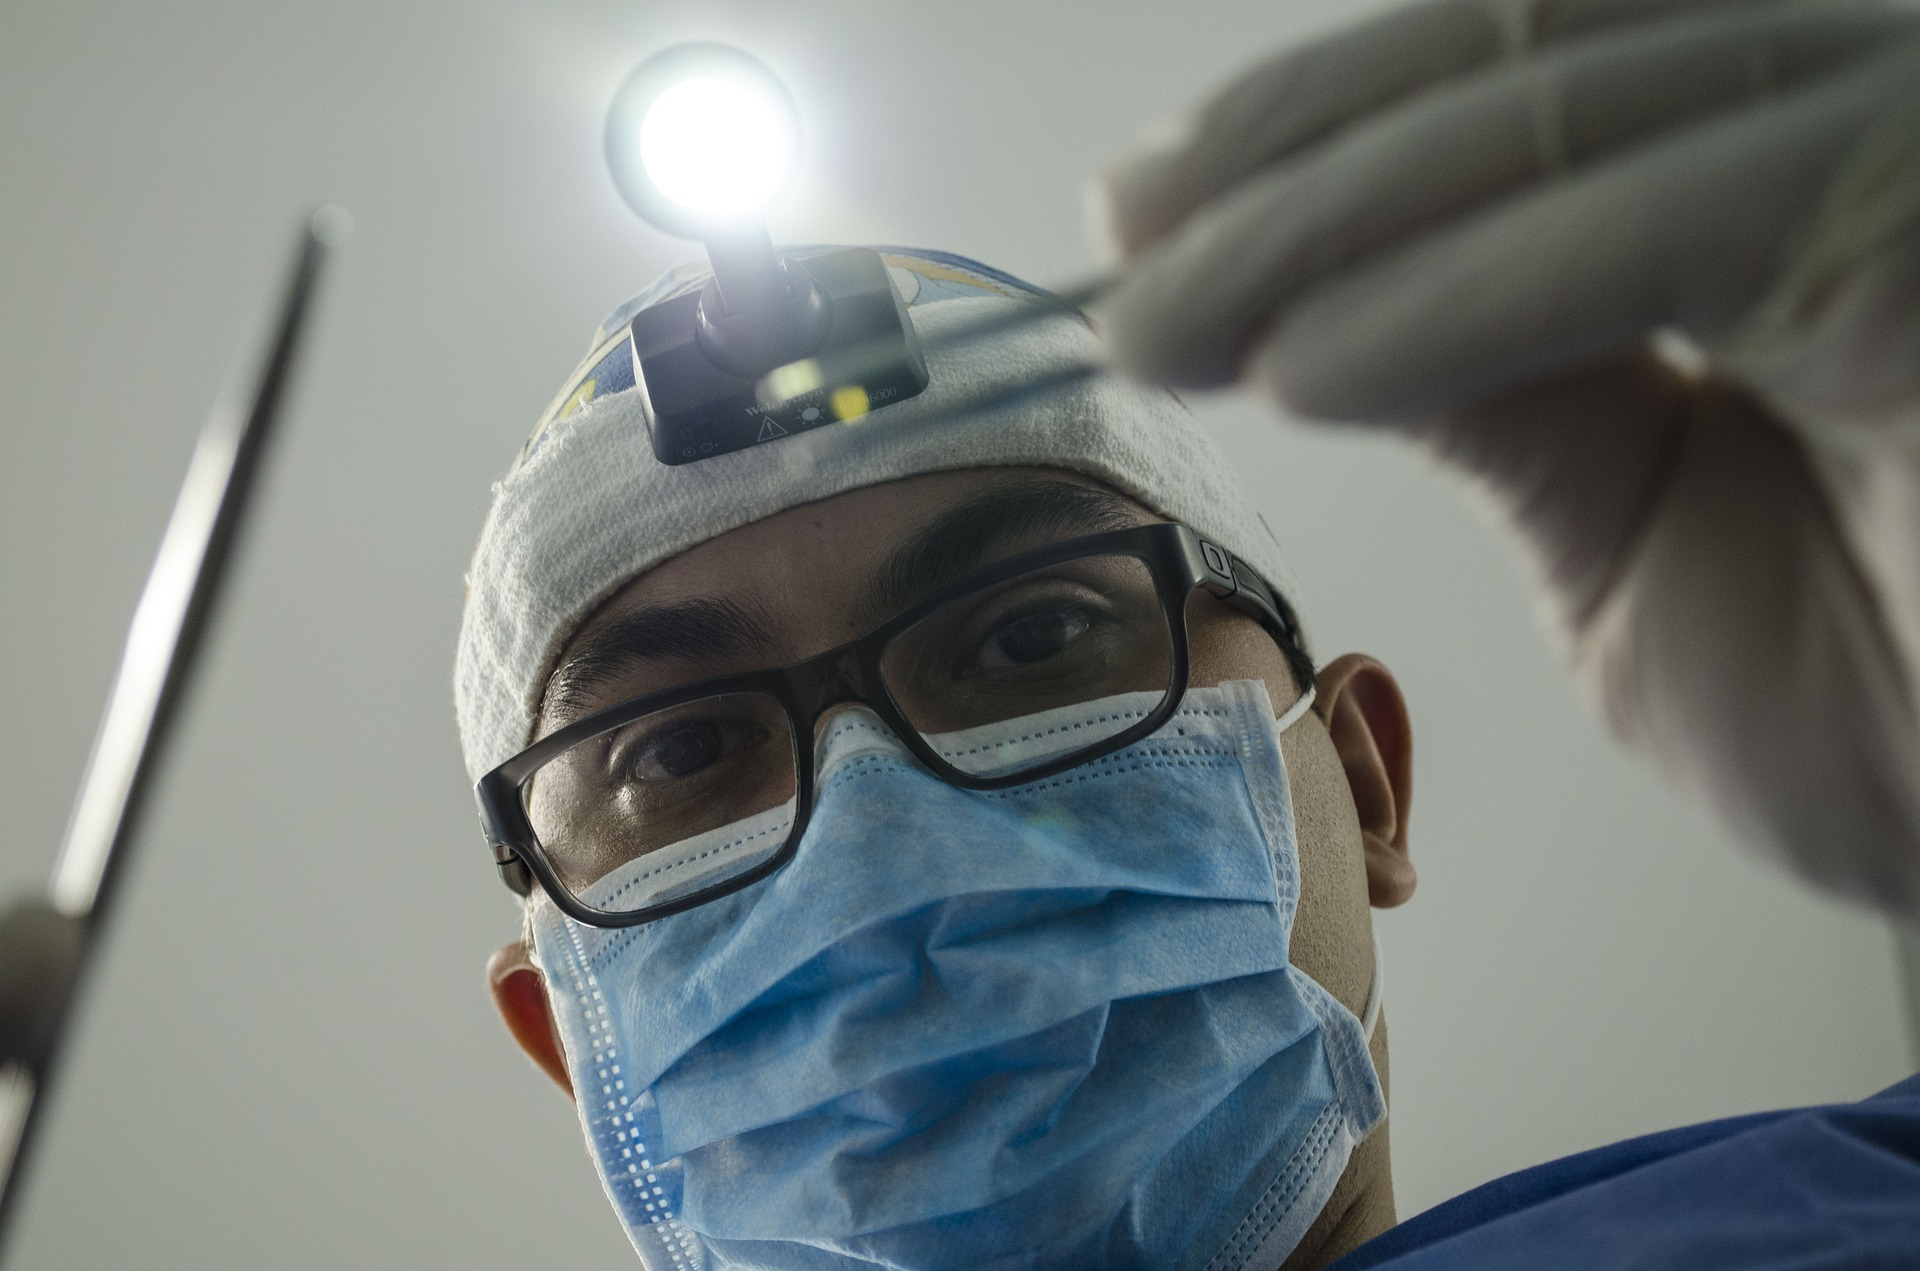 Czy złamany ząb można przykleić? Co robić w niespodziewanej sytuacji?